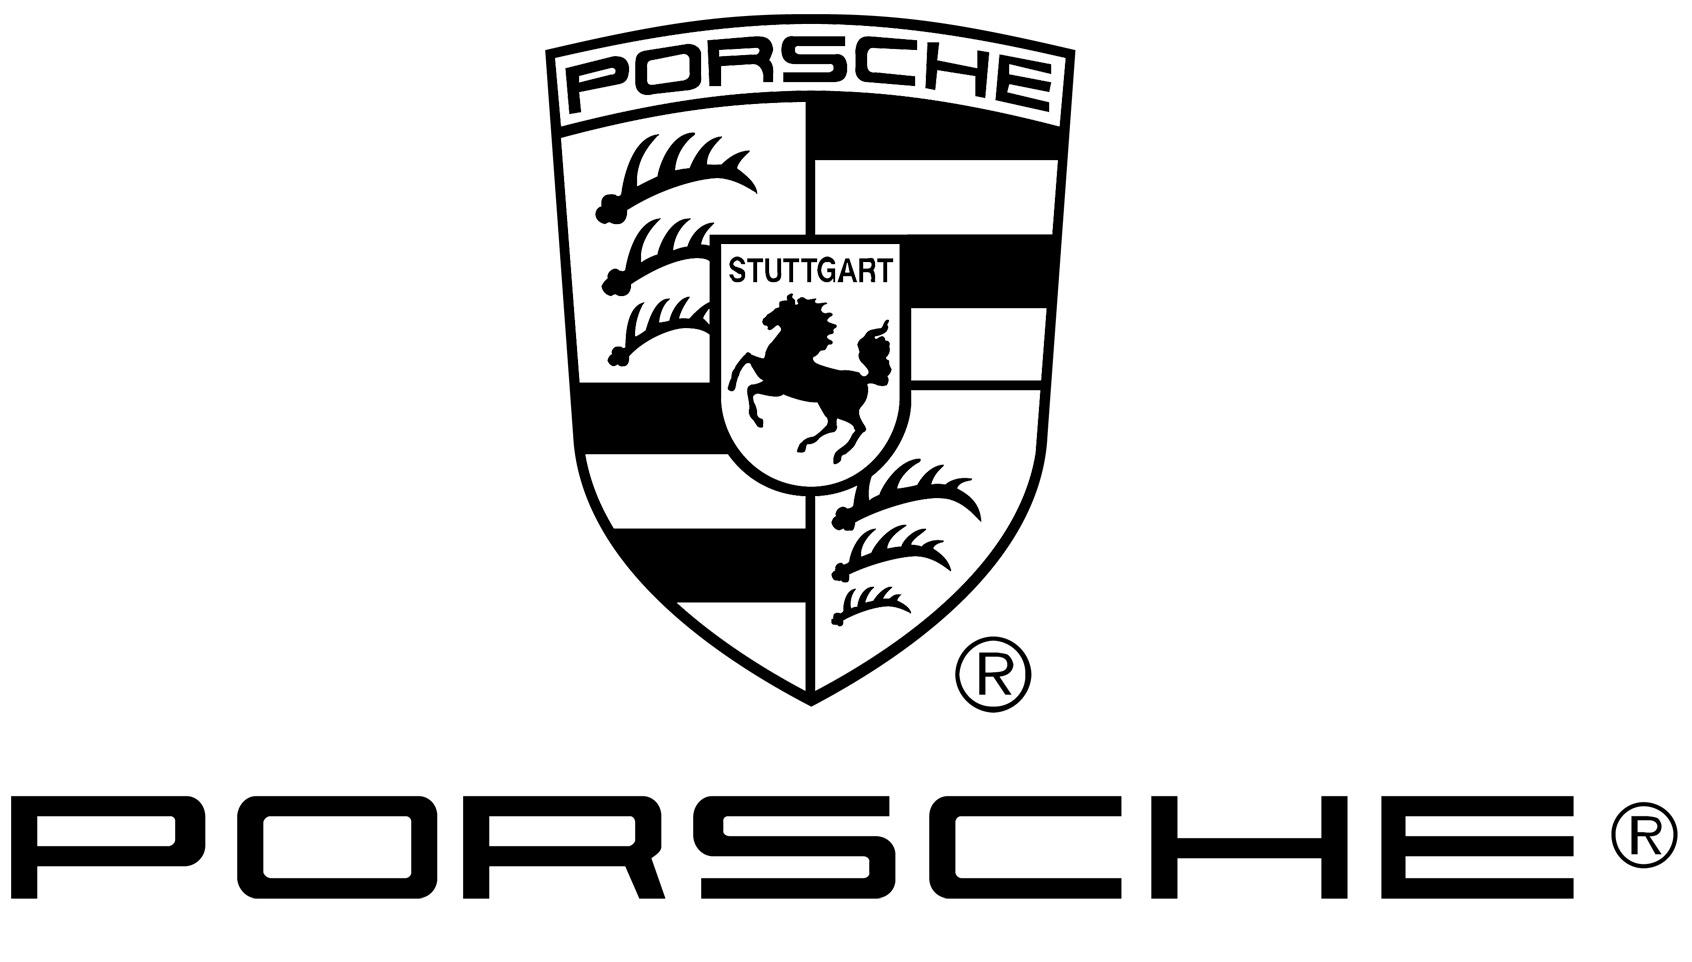 2000 Porsche Boxster Convertible Top furthermore 71 BODY Convertible Top Repair furthermore Dodge Grand Caravan Air Bag Sensor Location also Autopower Race Roll Bar Chevy Camaro 70 81 P 67 moreover Acura Nsx Roadster Design Revealed In. on porsche 911 convertible